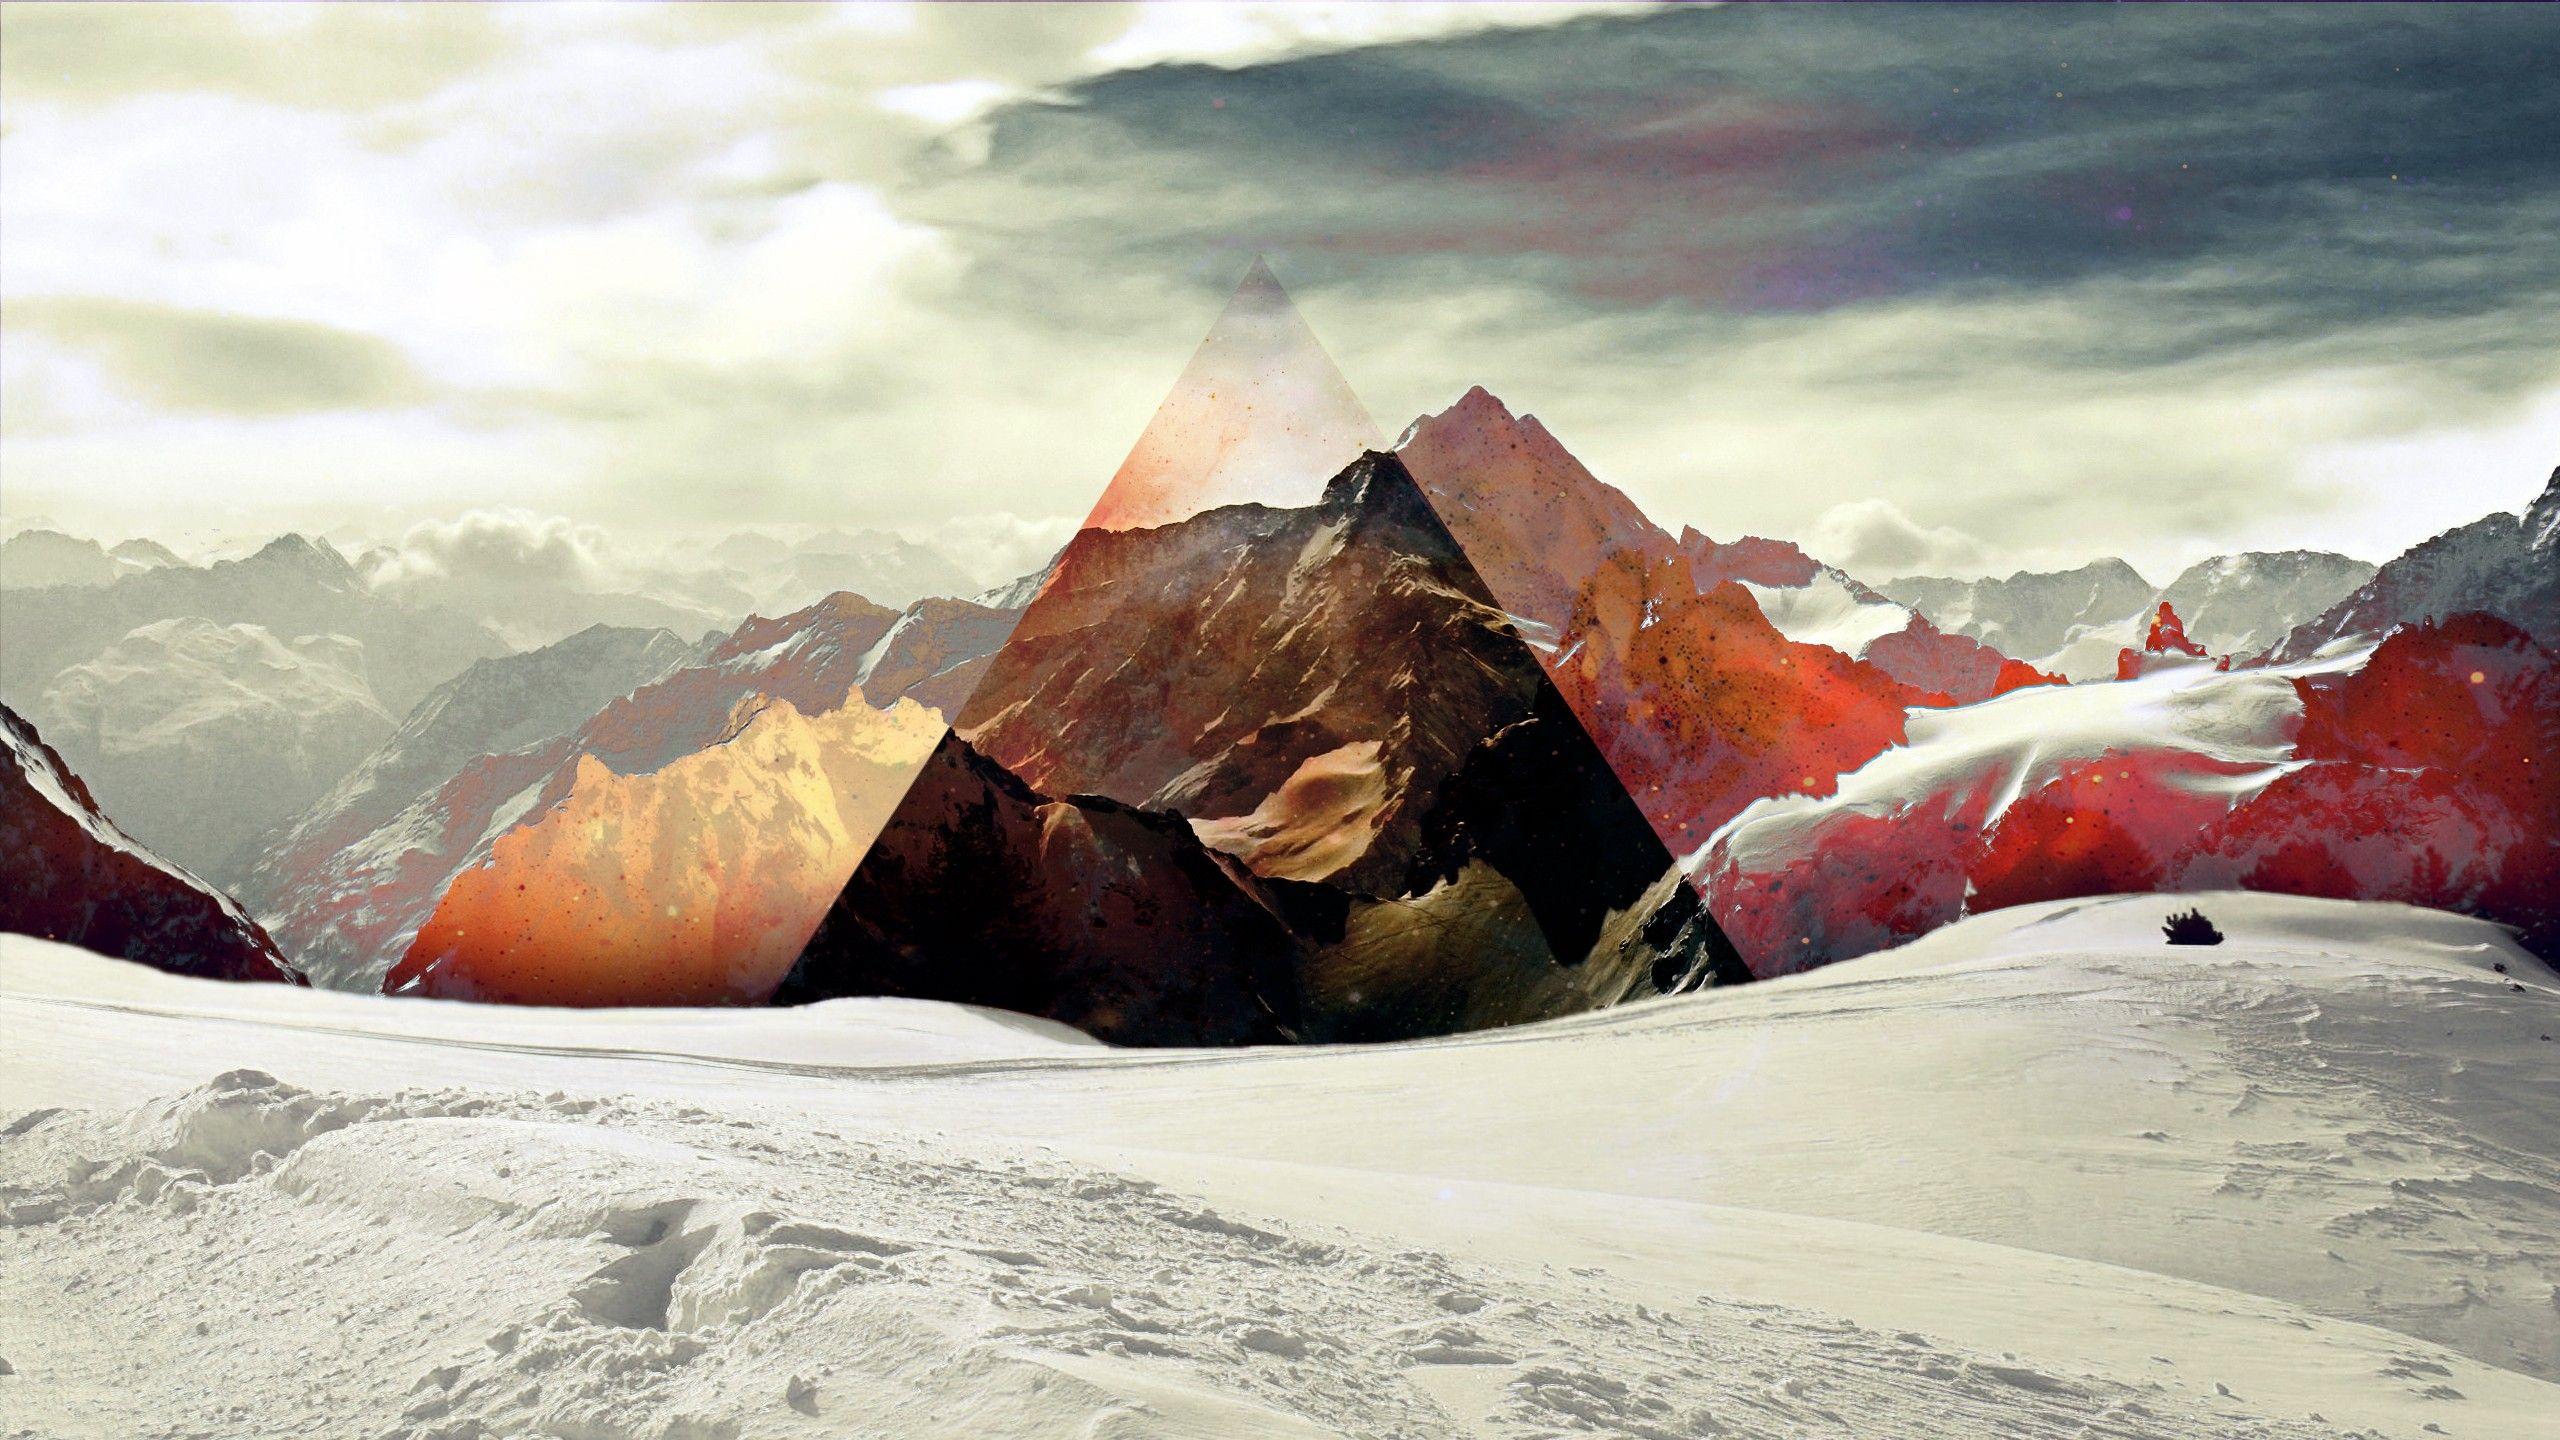 Beautiful Wallpaper Mountain Triangle - f838f04ddd9cb2690db091ca3b276ca1  2018_40853.jpg